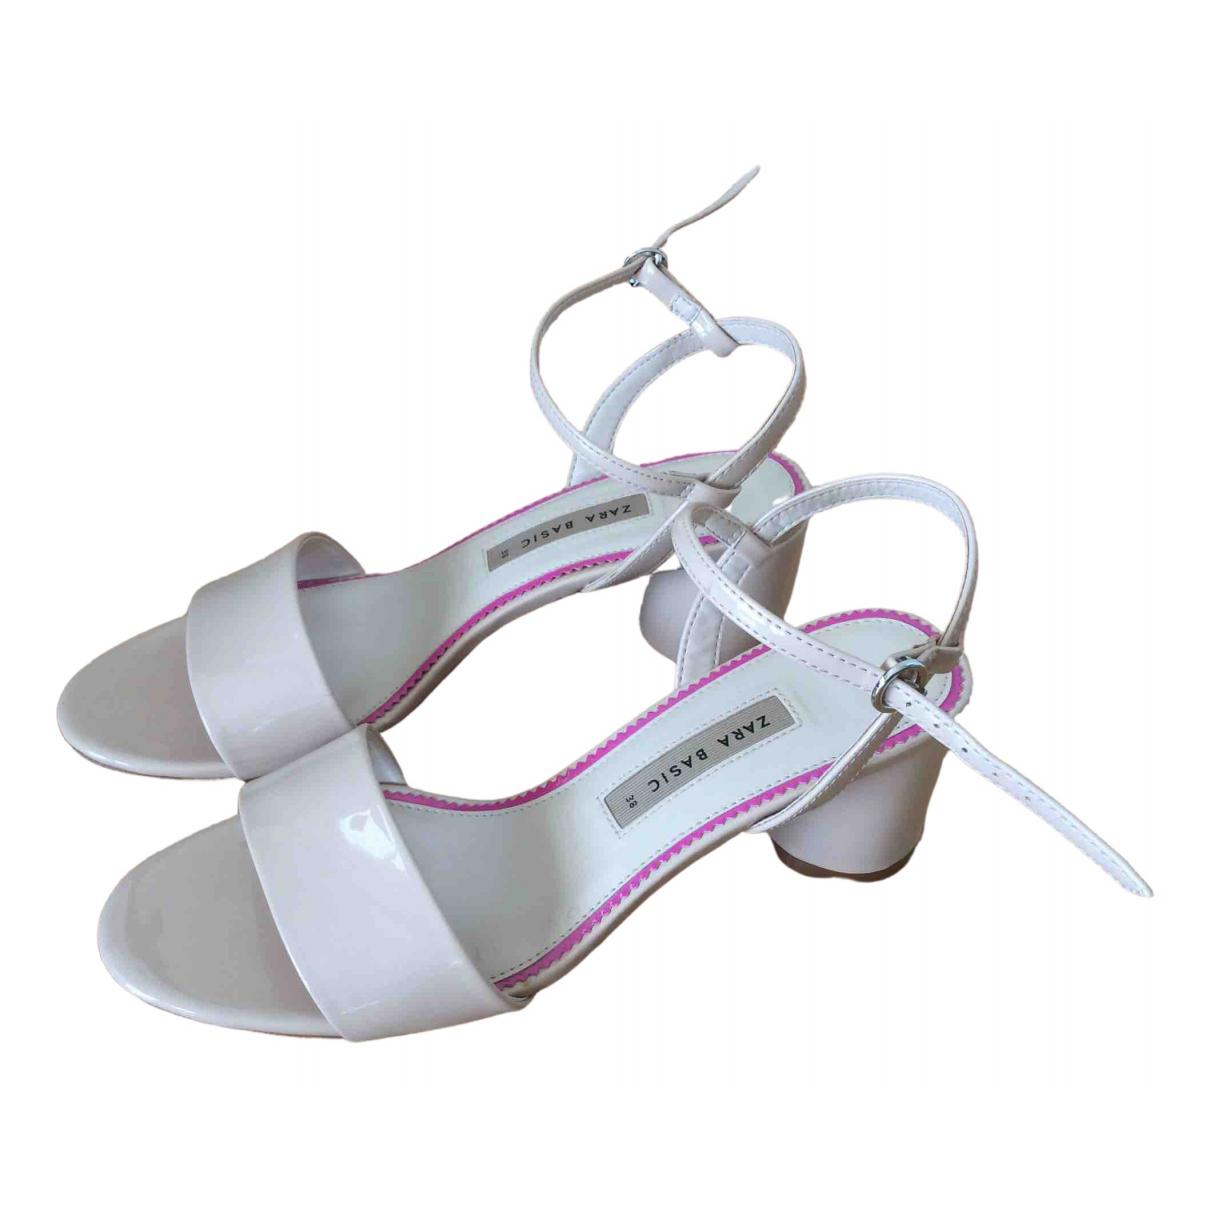 Sandalias romanas de Charol Zara